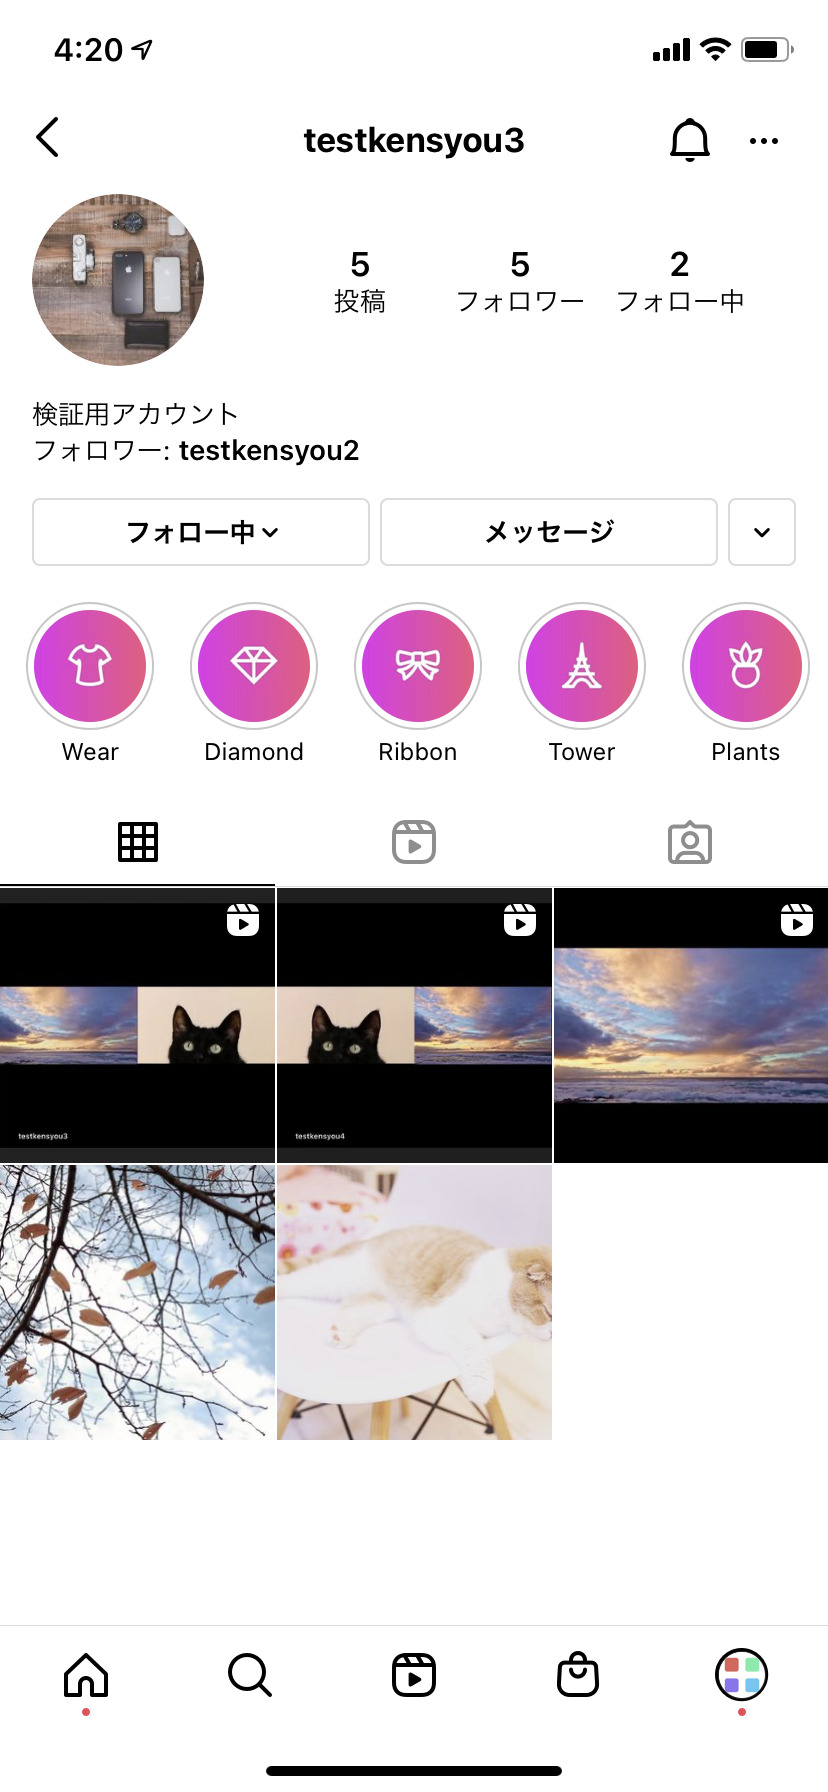 ピンク×レッドグラデーションに白アイコンのハイライト用アイコン素材セット